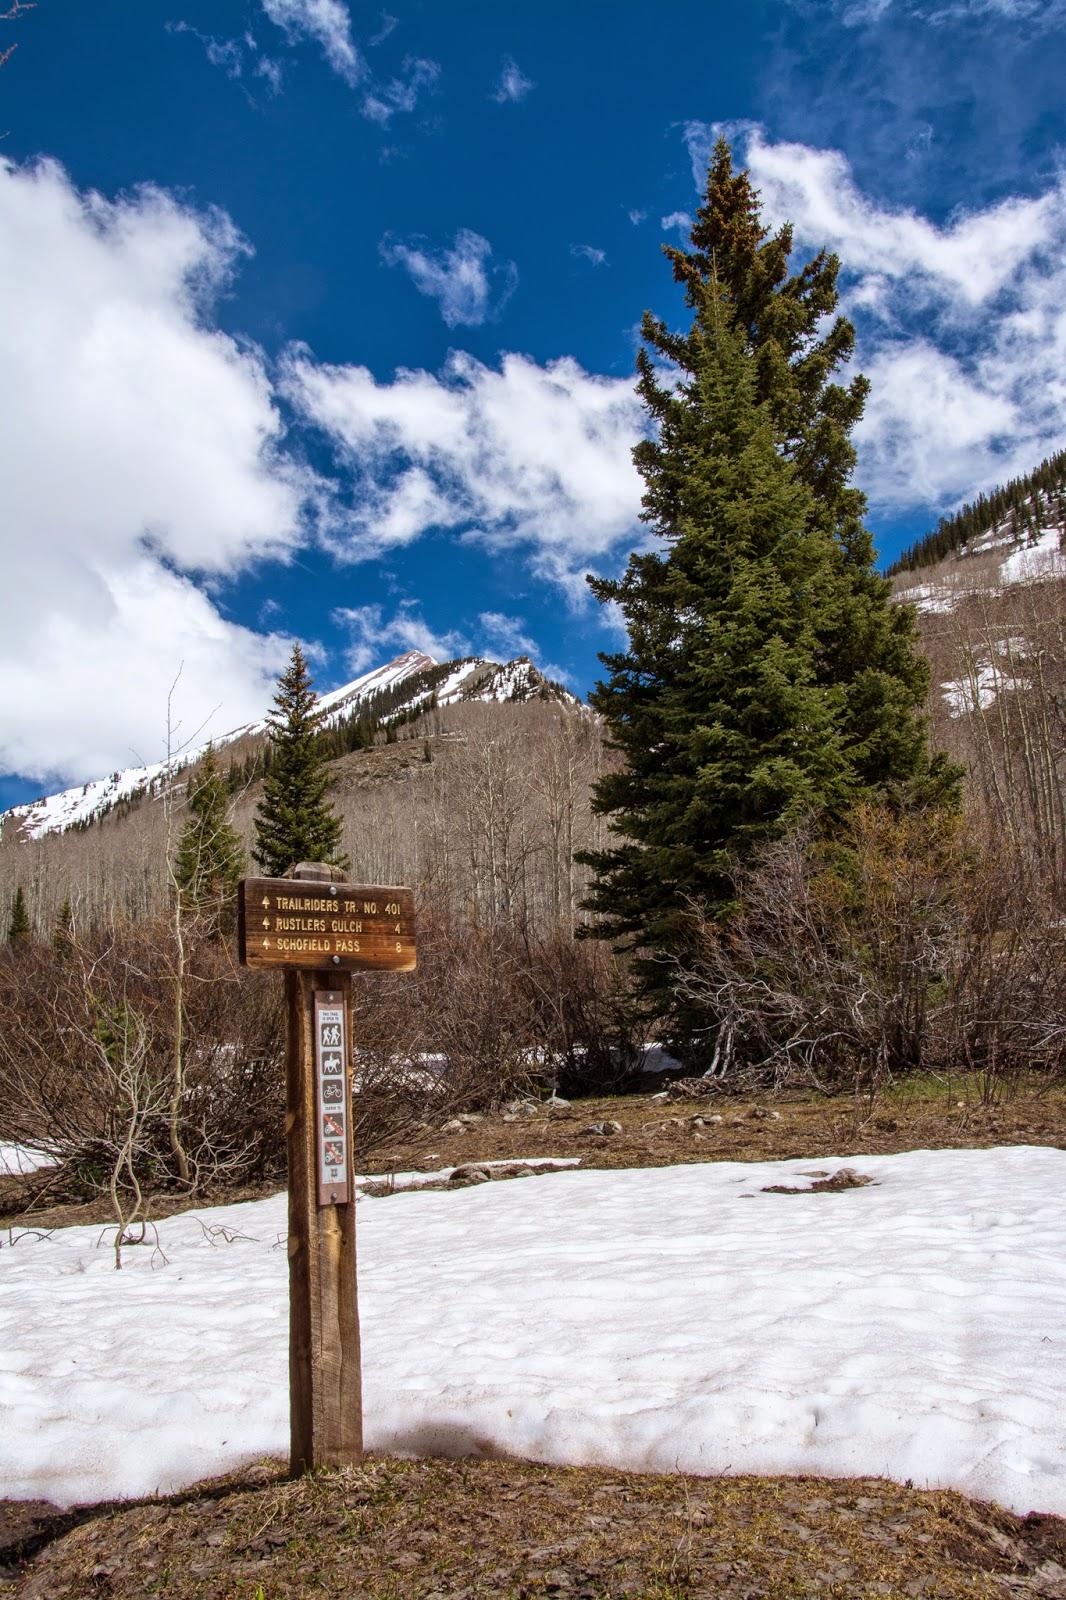 Judd Falls Trail